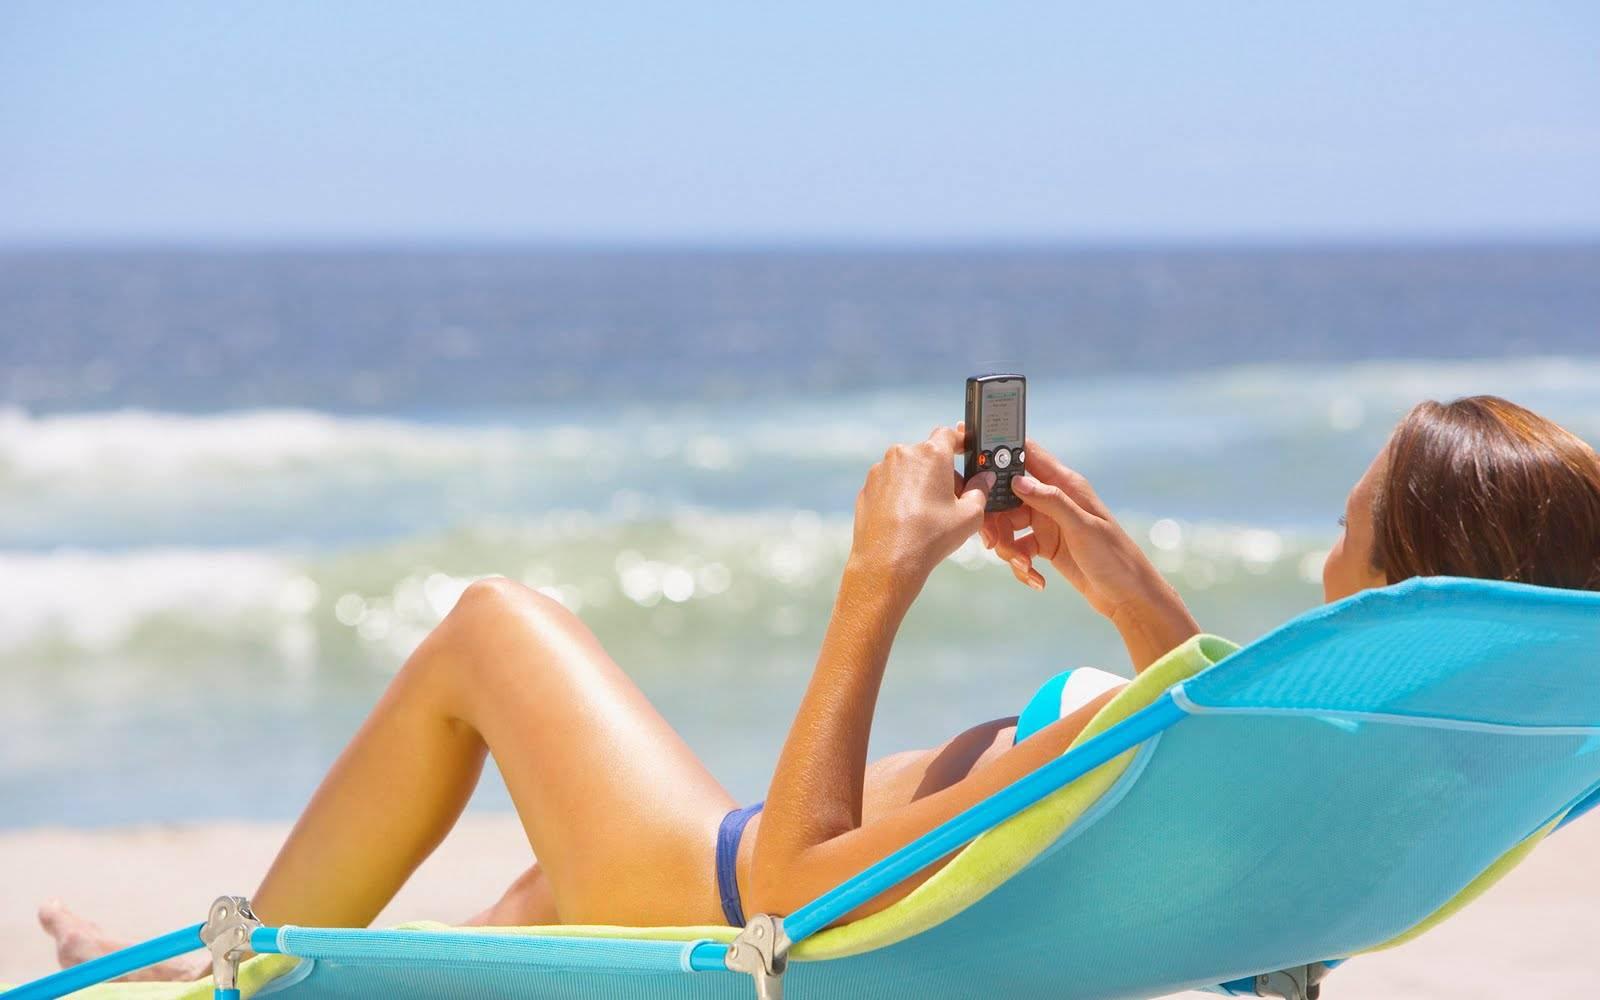 Телефонный код испании — 34. как позвонить в испанию с мобильного или стационарного телефона.